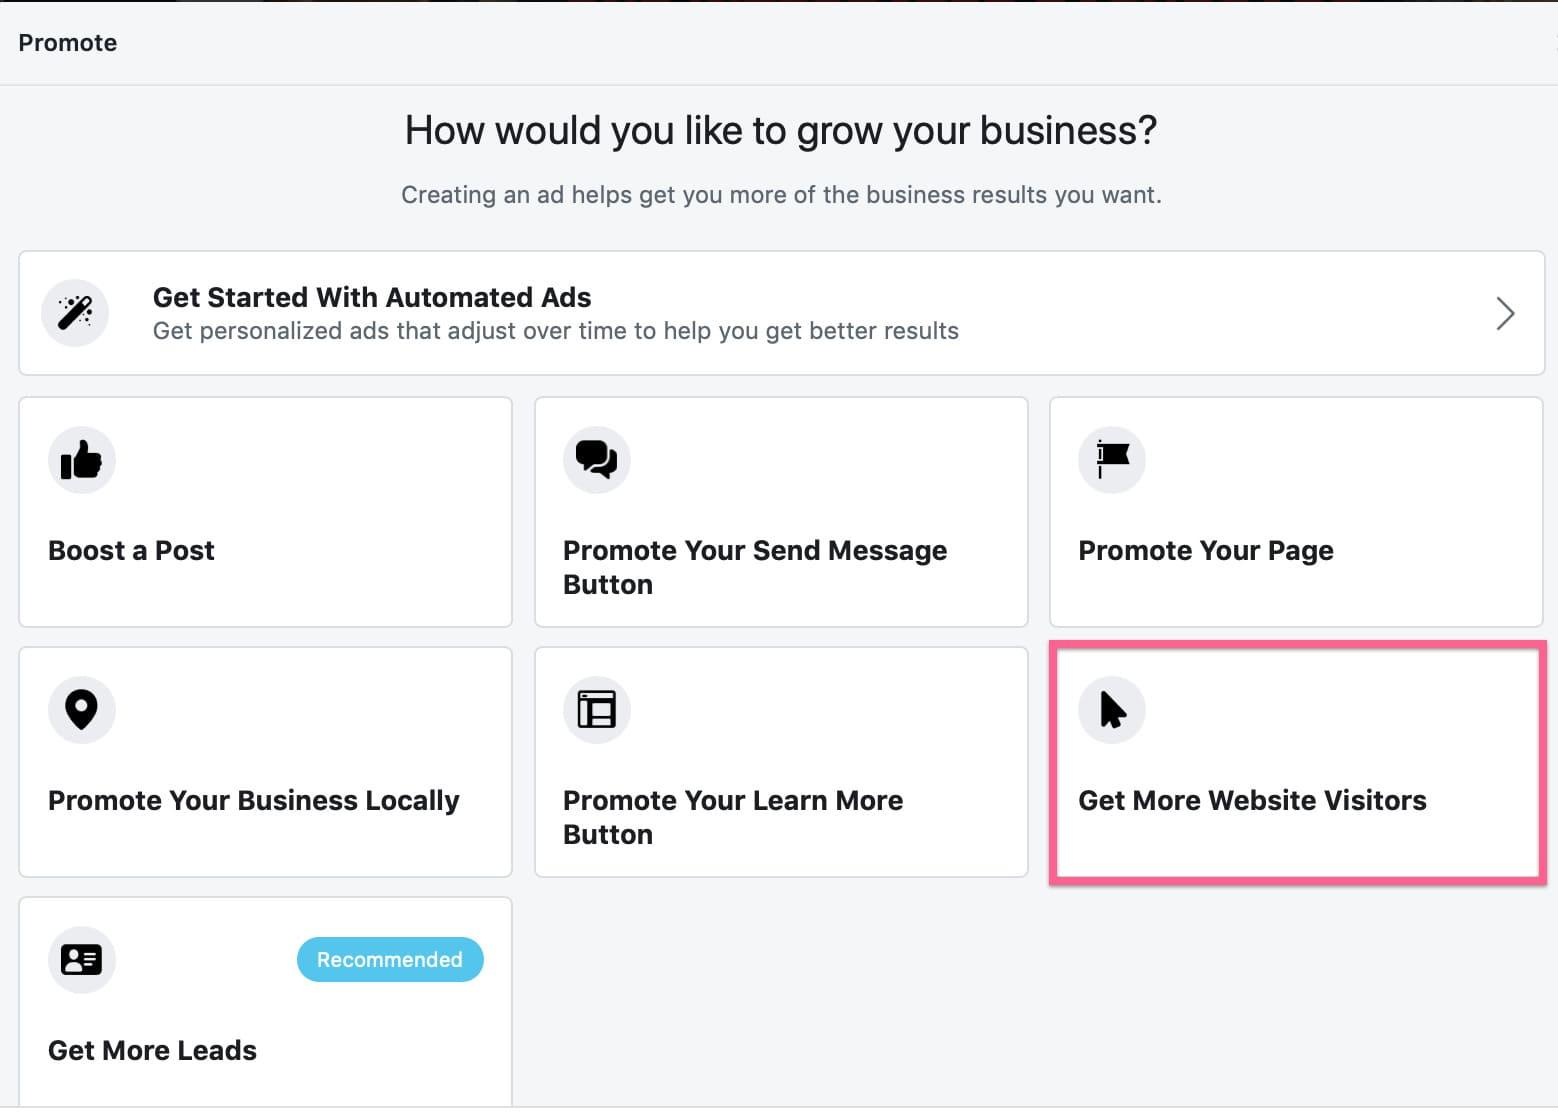 Get more website visitors goal in Facebook ads